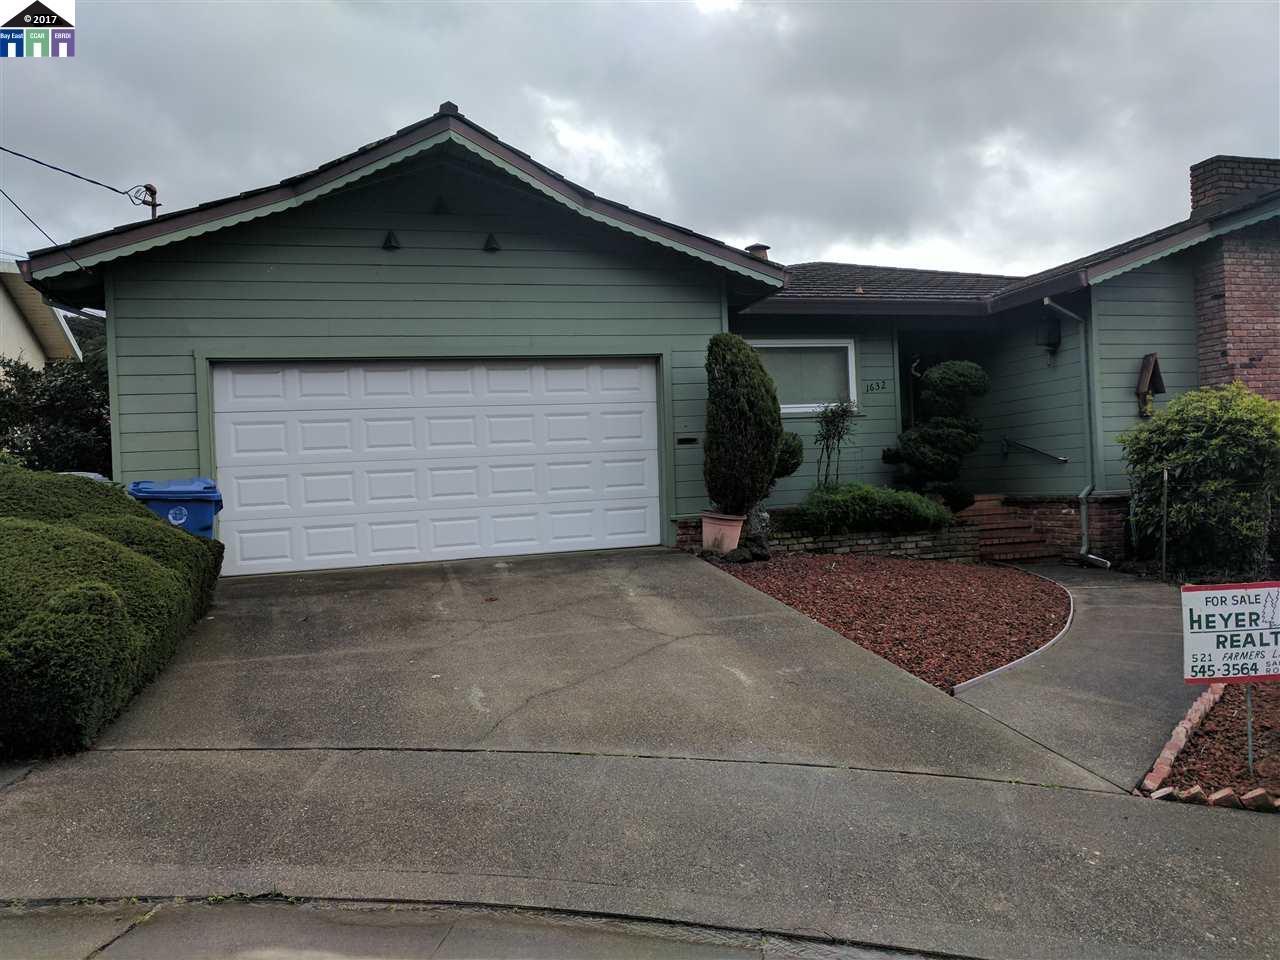 獨棟家庭住宅 為 出售 在 1632 Roger Court El Cerrito, 加利福尼亞州 94530 美國